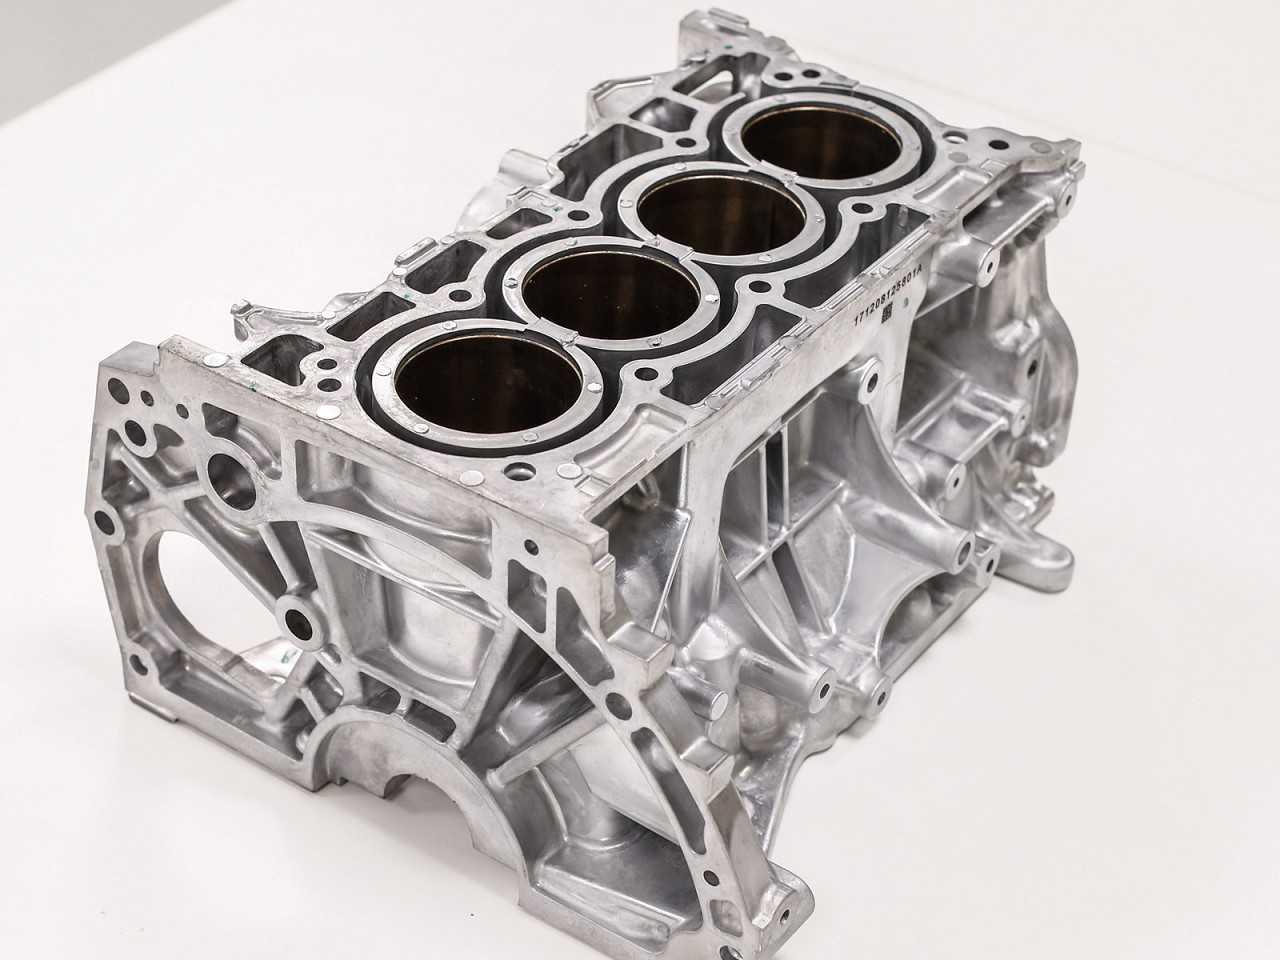 Bloco do motor 1.6 SCe que agora passa a ser fabrica pela Curitiba Injeção de Alumínio